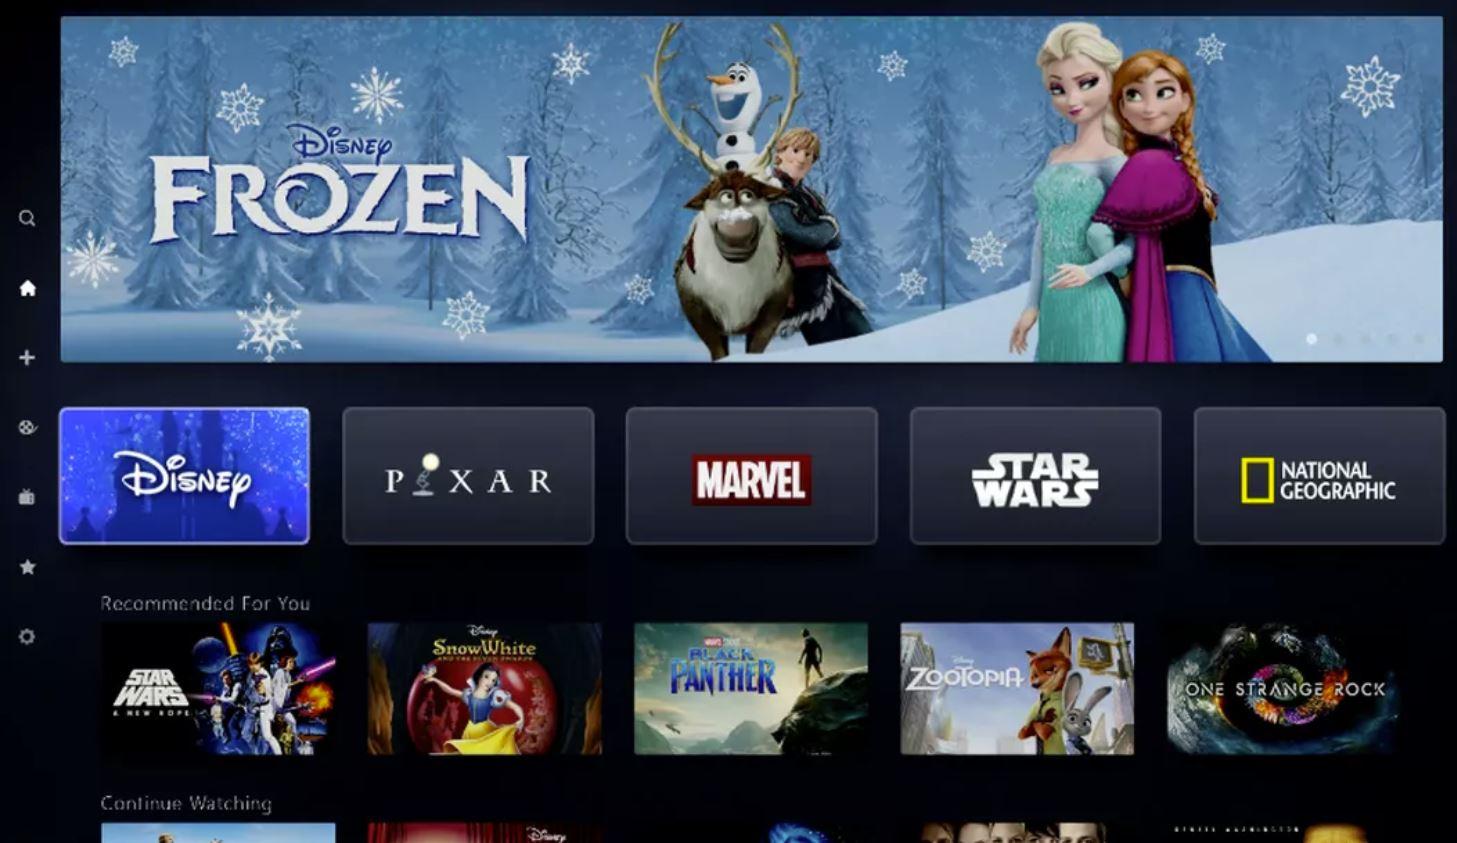 Disney+ : Une date de lancement française pour la plateforme de streaming (+ sondage) !